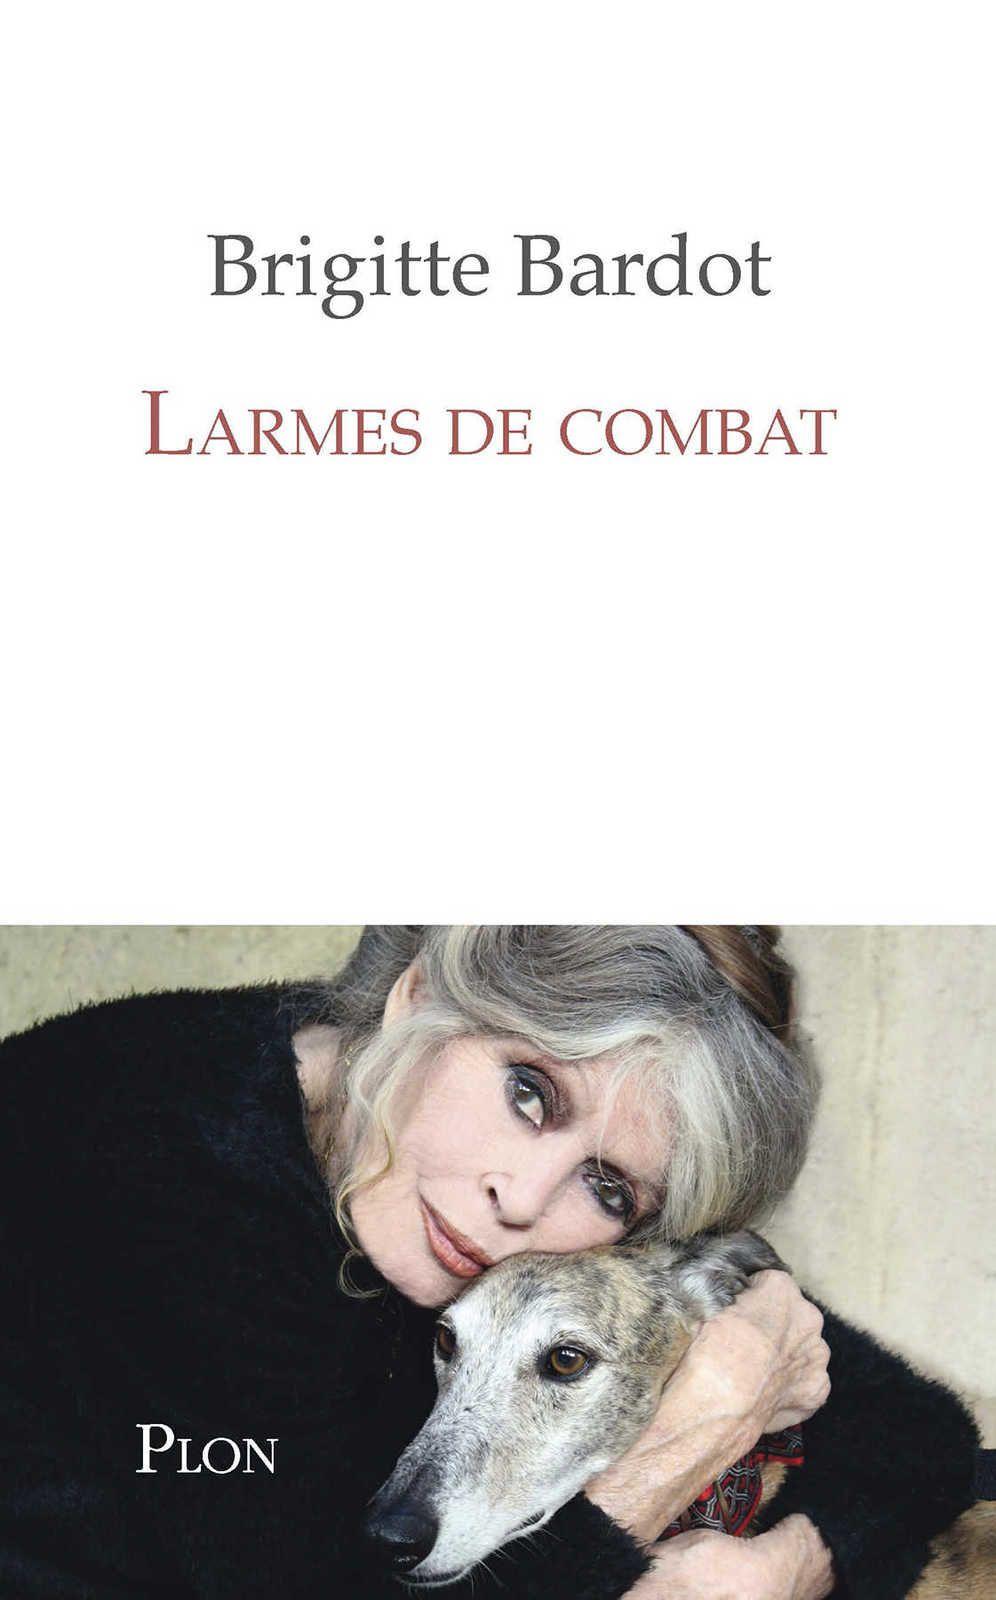 """Brigitte Bardot """"Larmes de combat""""  N°1 des ventes en pré commande sur Amazon.fr"""